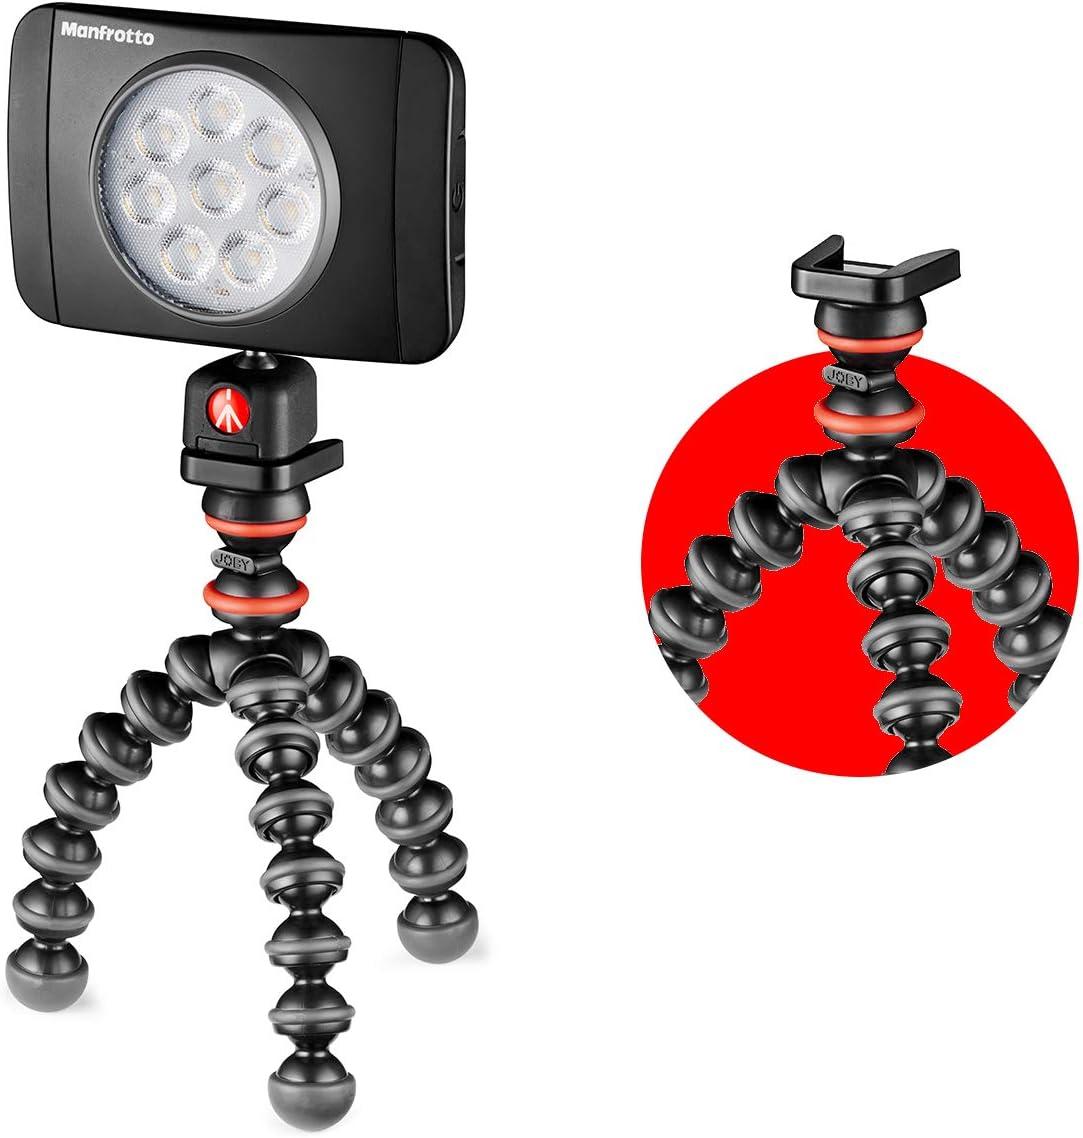 JOBY JB01505-BWW GorillaPod 325 flexibles Ministativ mit integriertem Kugelkopf f/ür kompakte und 360-Grad-Kameras, Traglast bis zu 325/g